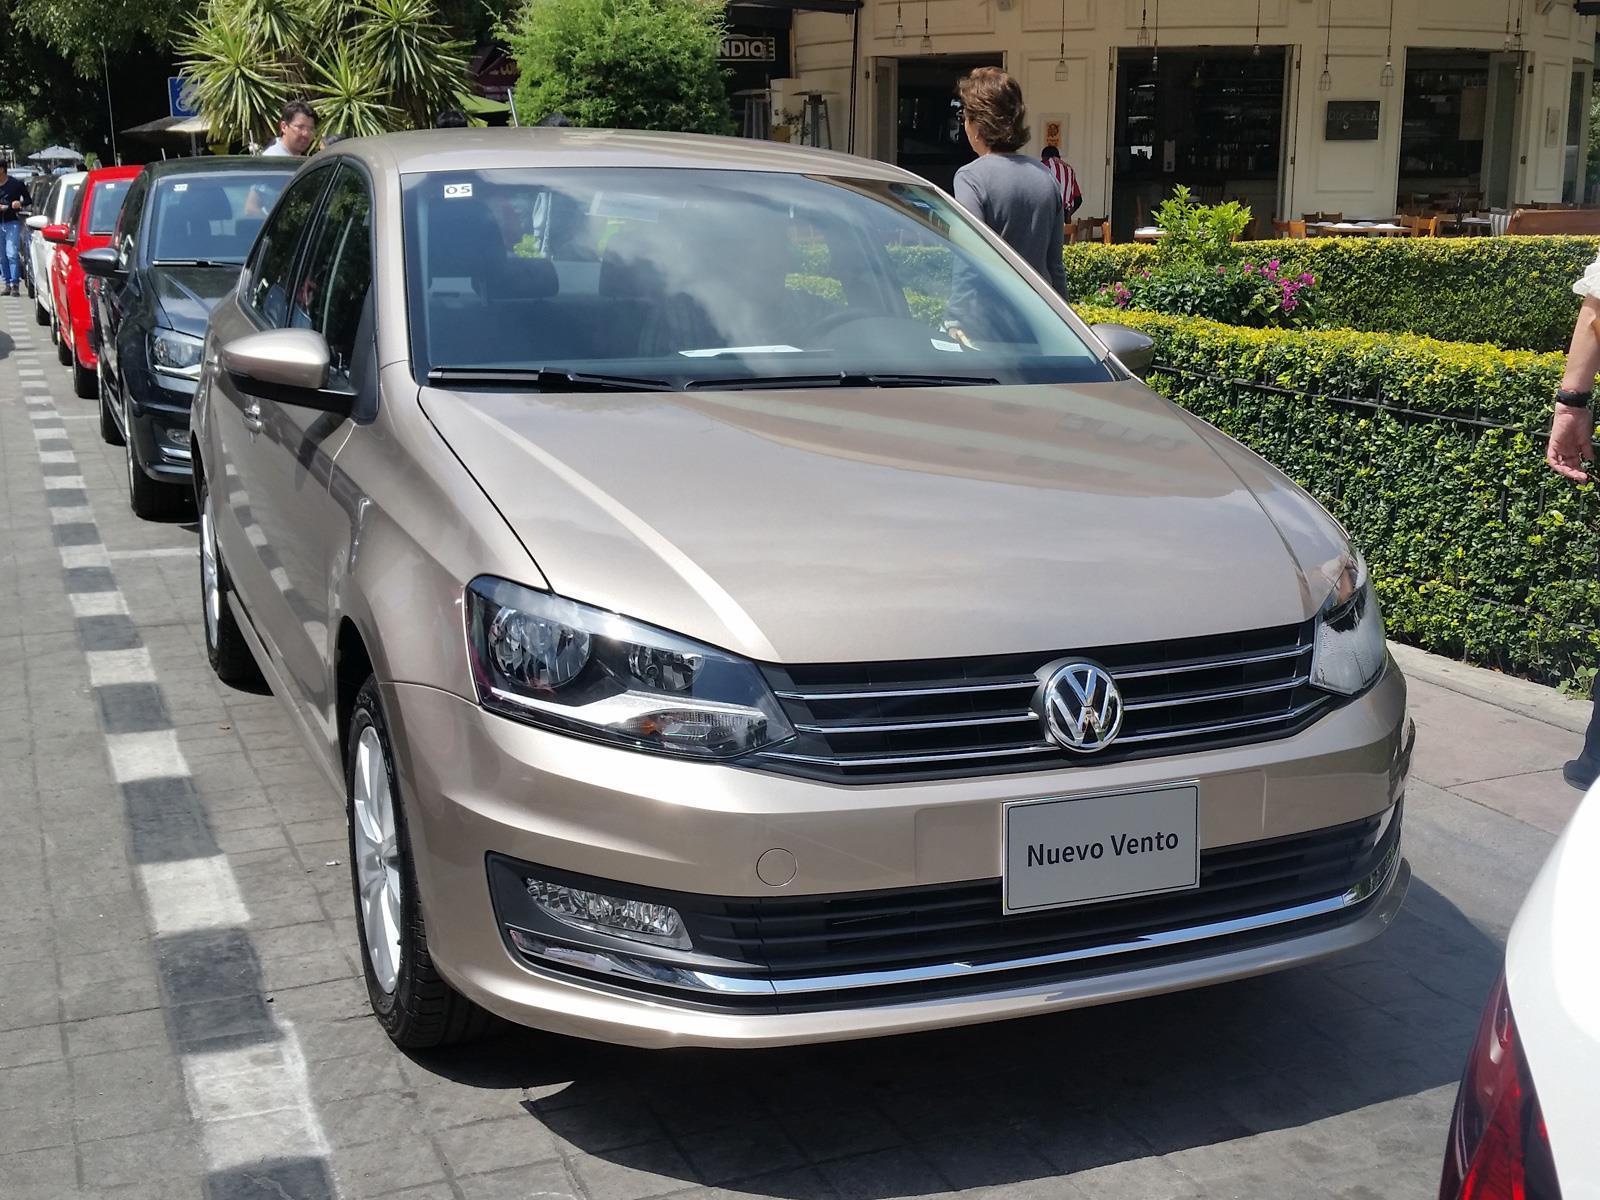 Volkswagen Nuevo Vento 2016 Se Presenta Autocosmos Com